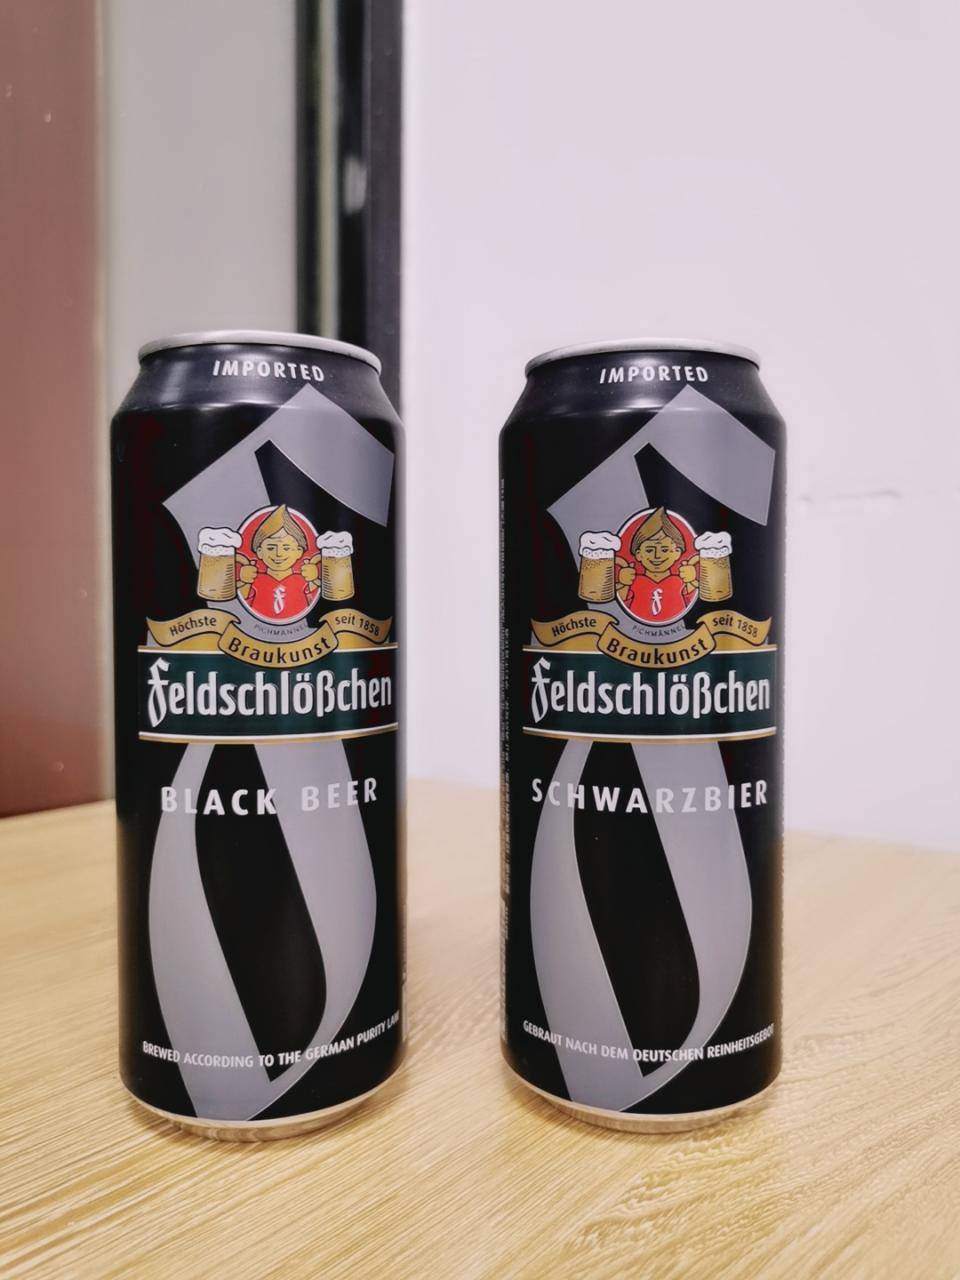 德国黑啤酒价格表-一罐德国黑啤酒多少钱-大麦丫-精酿啤酒连锁超市,工厂店平价酒吧免费加盟